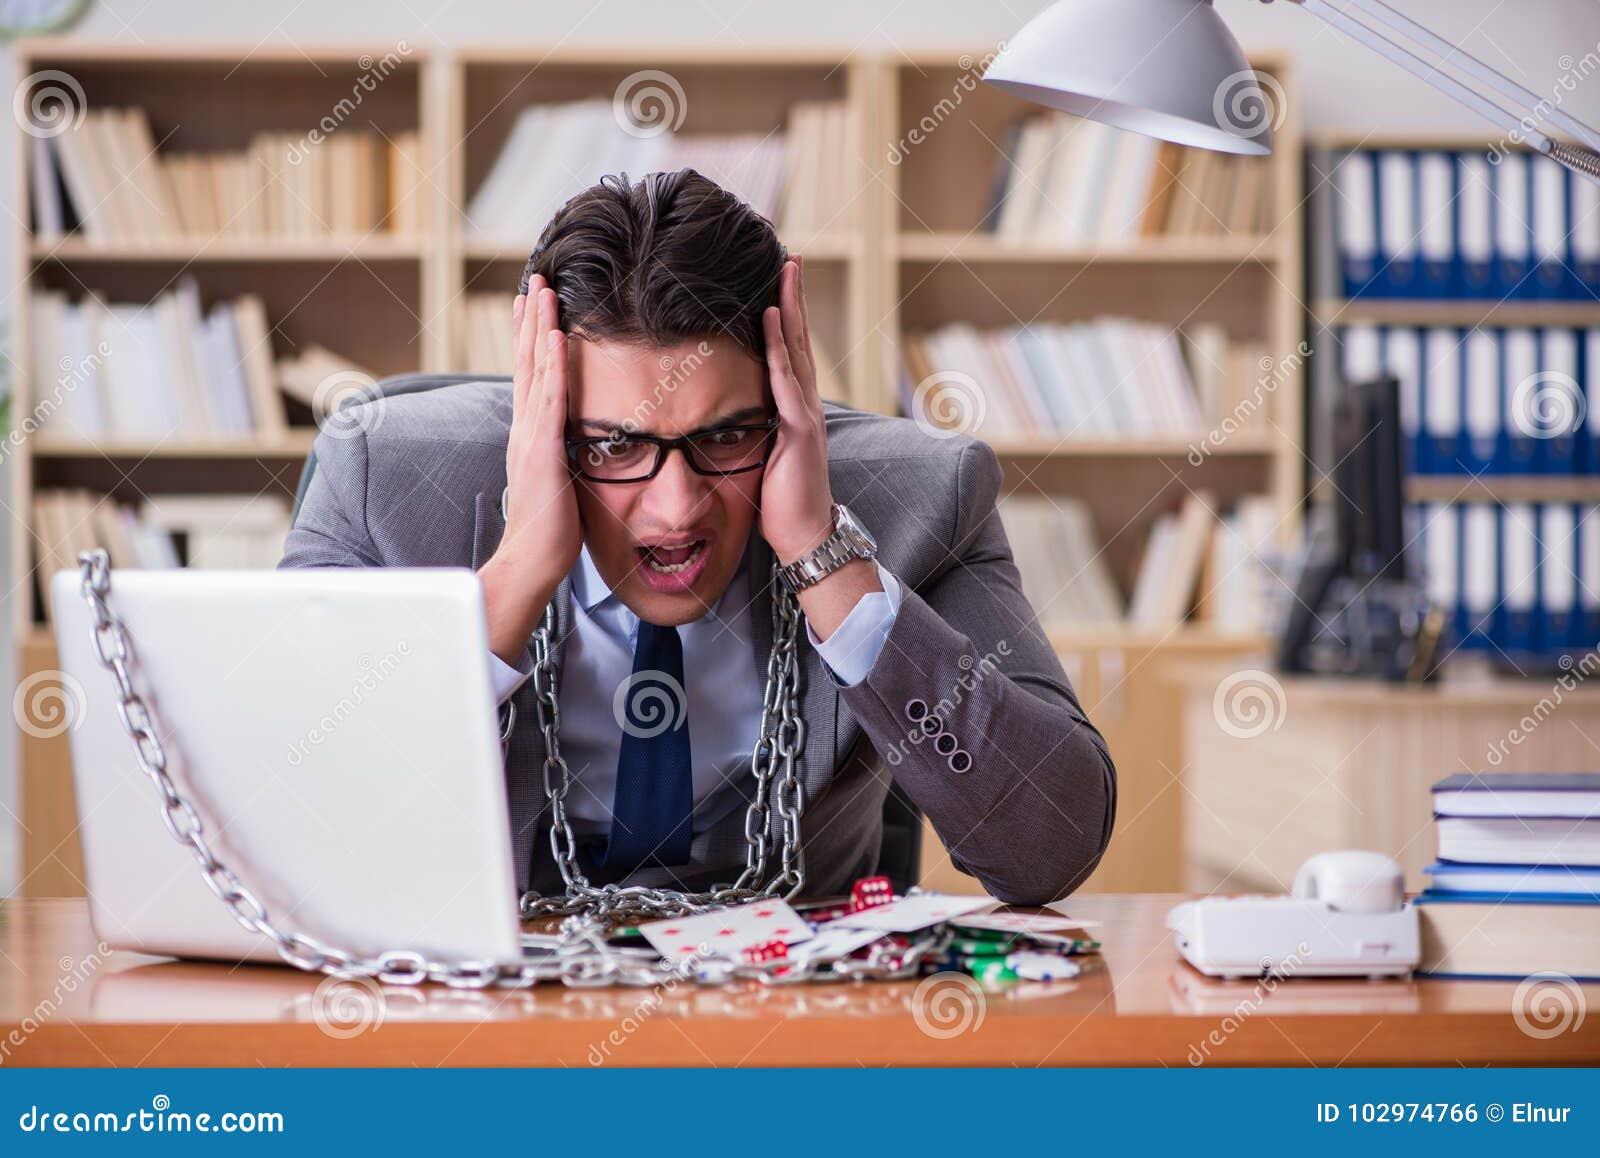 Играть онлайн в работа в офисе раздают биткоины